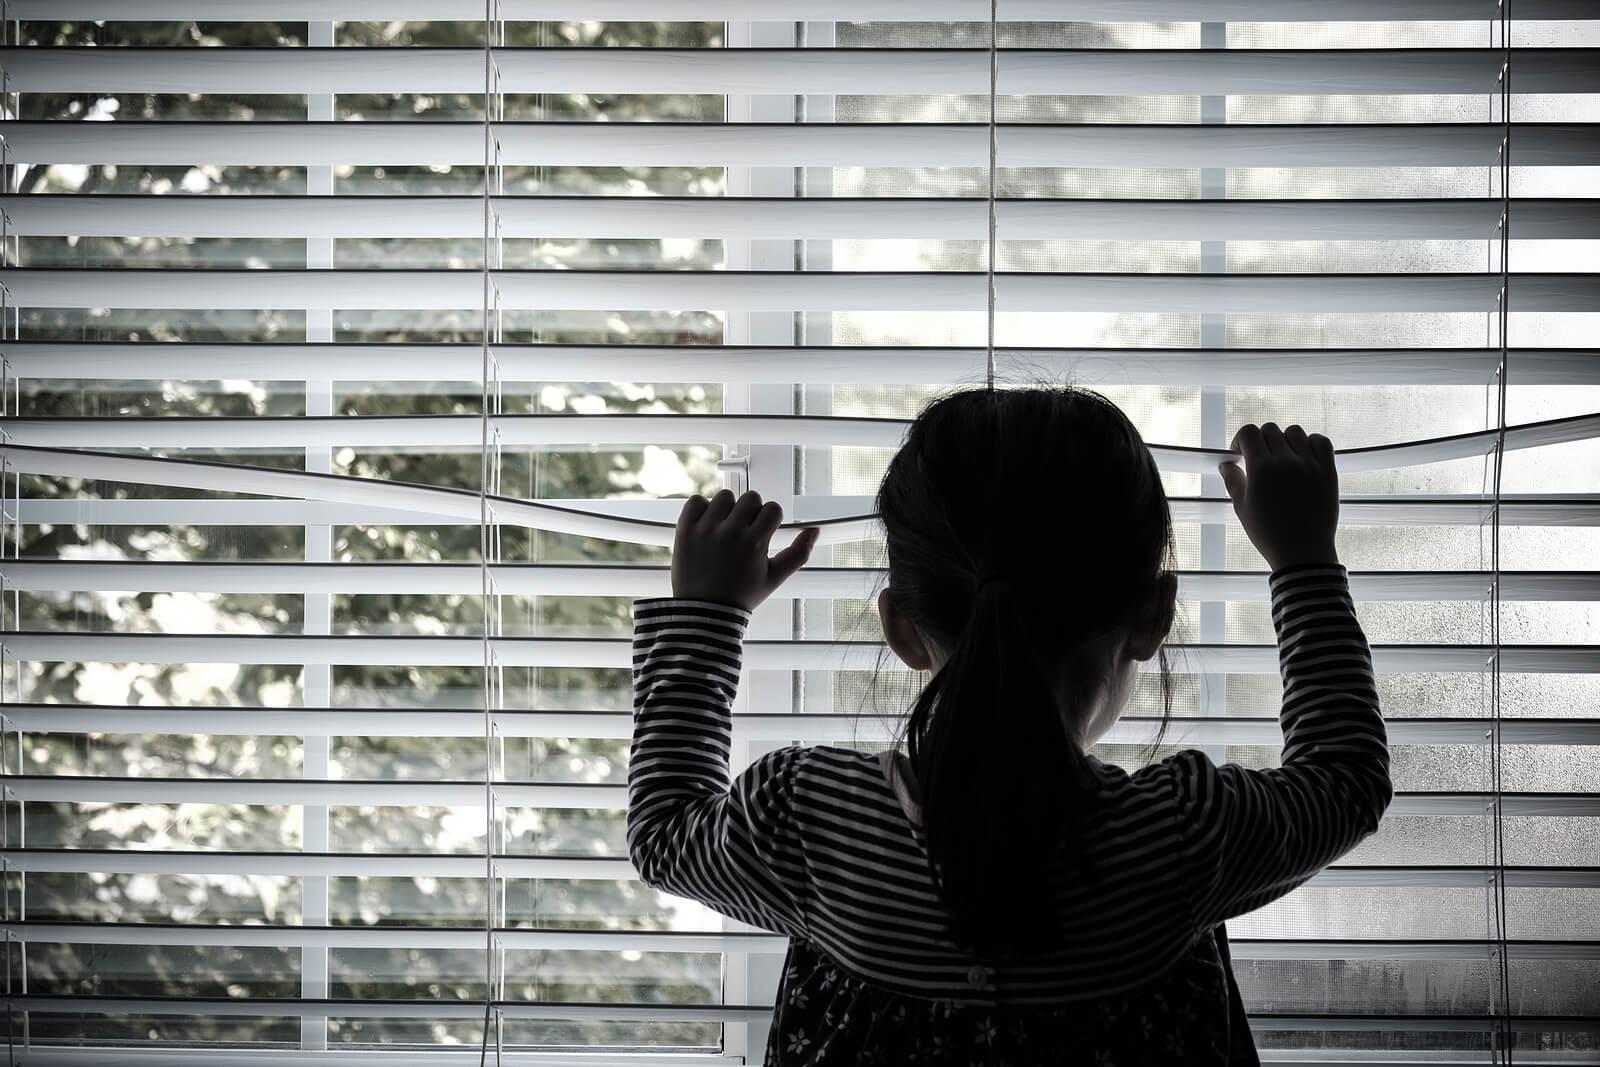 Niña mirando por la ventana muy triste tras el abandono, una de las heridas emocionales de la infancia.